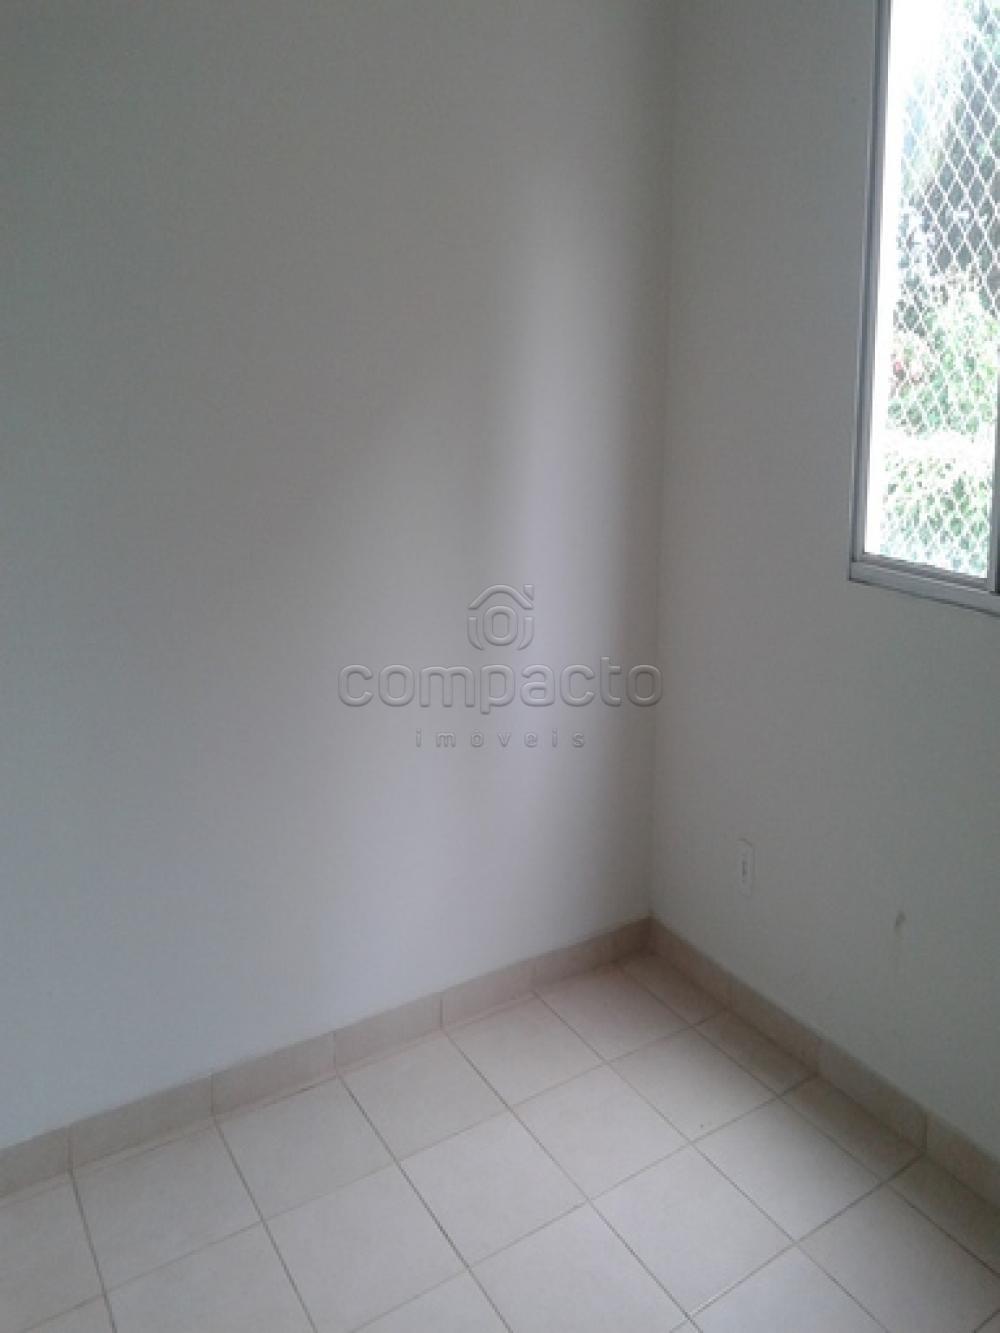 Alugar Apartamento / Padrão em São Carlos apenas R$ 1.060,00 - Foto 6